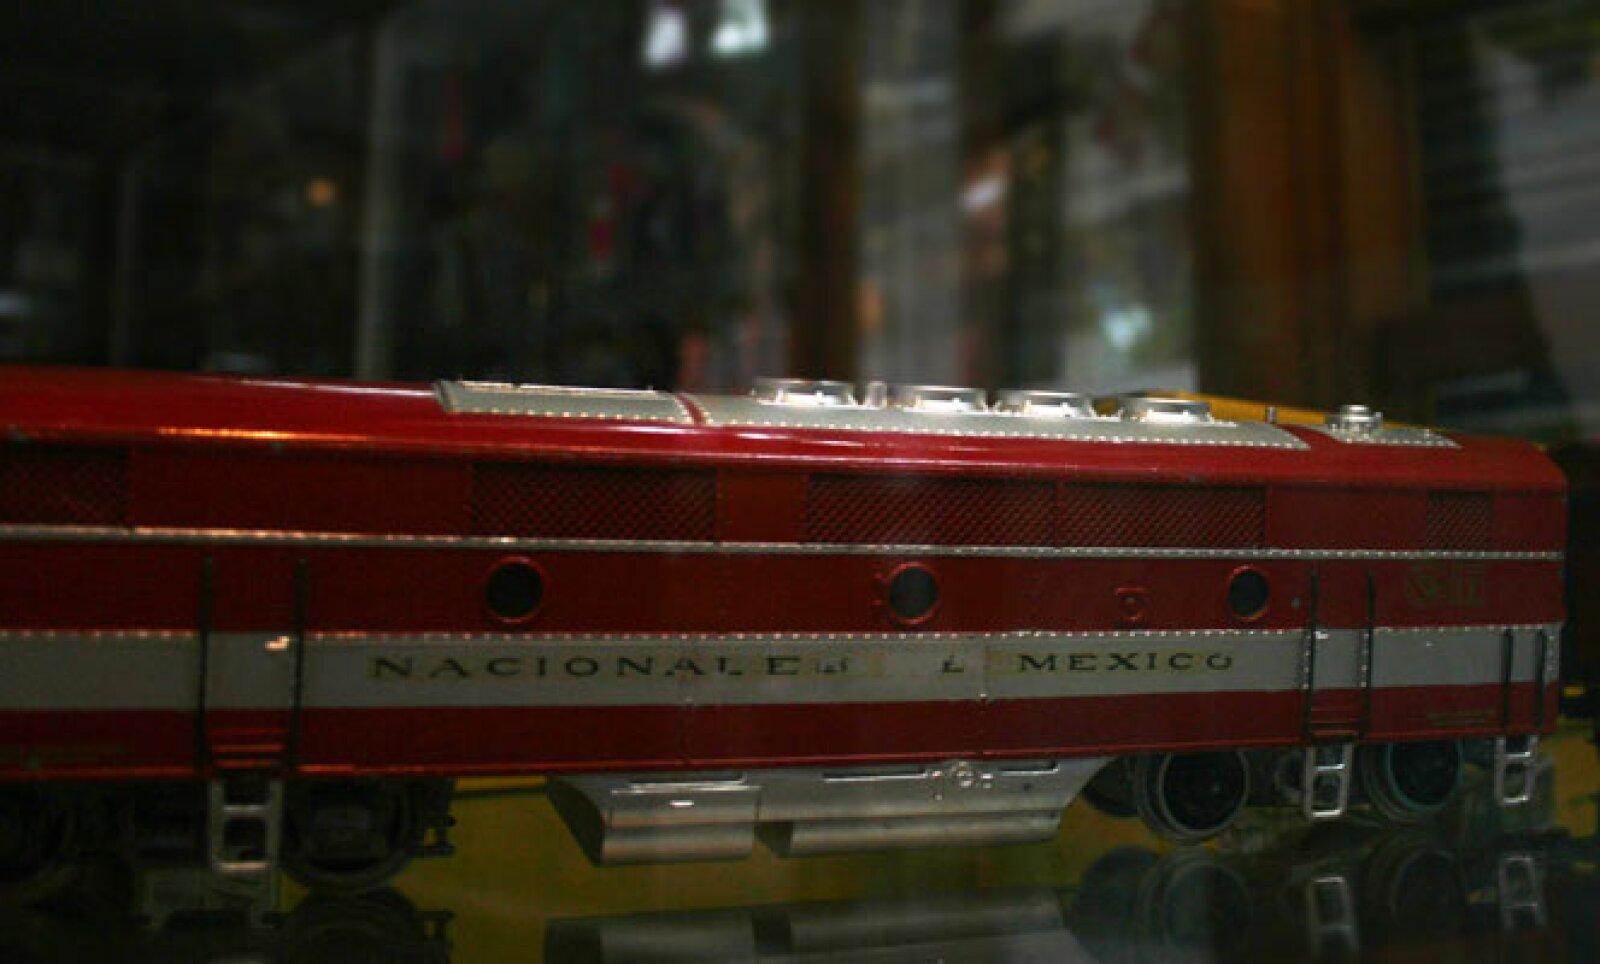 La Locomotora eléctrica fue hecha 100% en México por un pequeño fabricante.